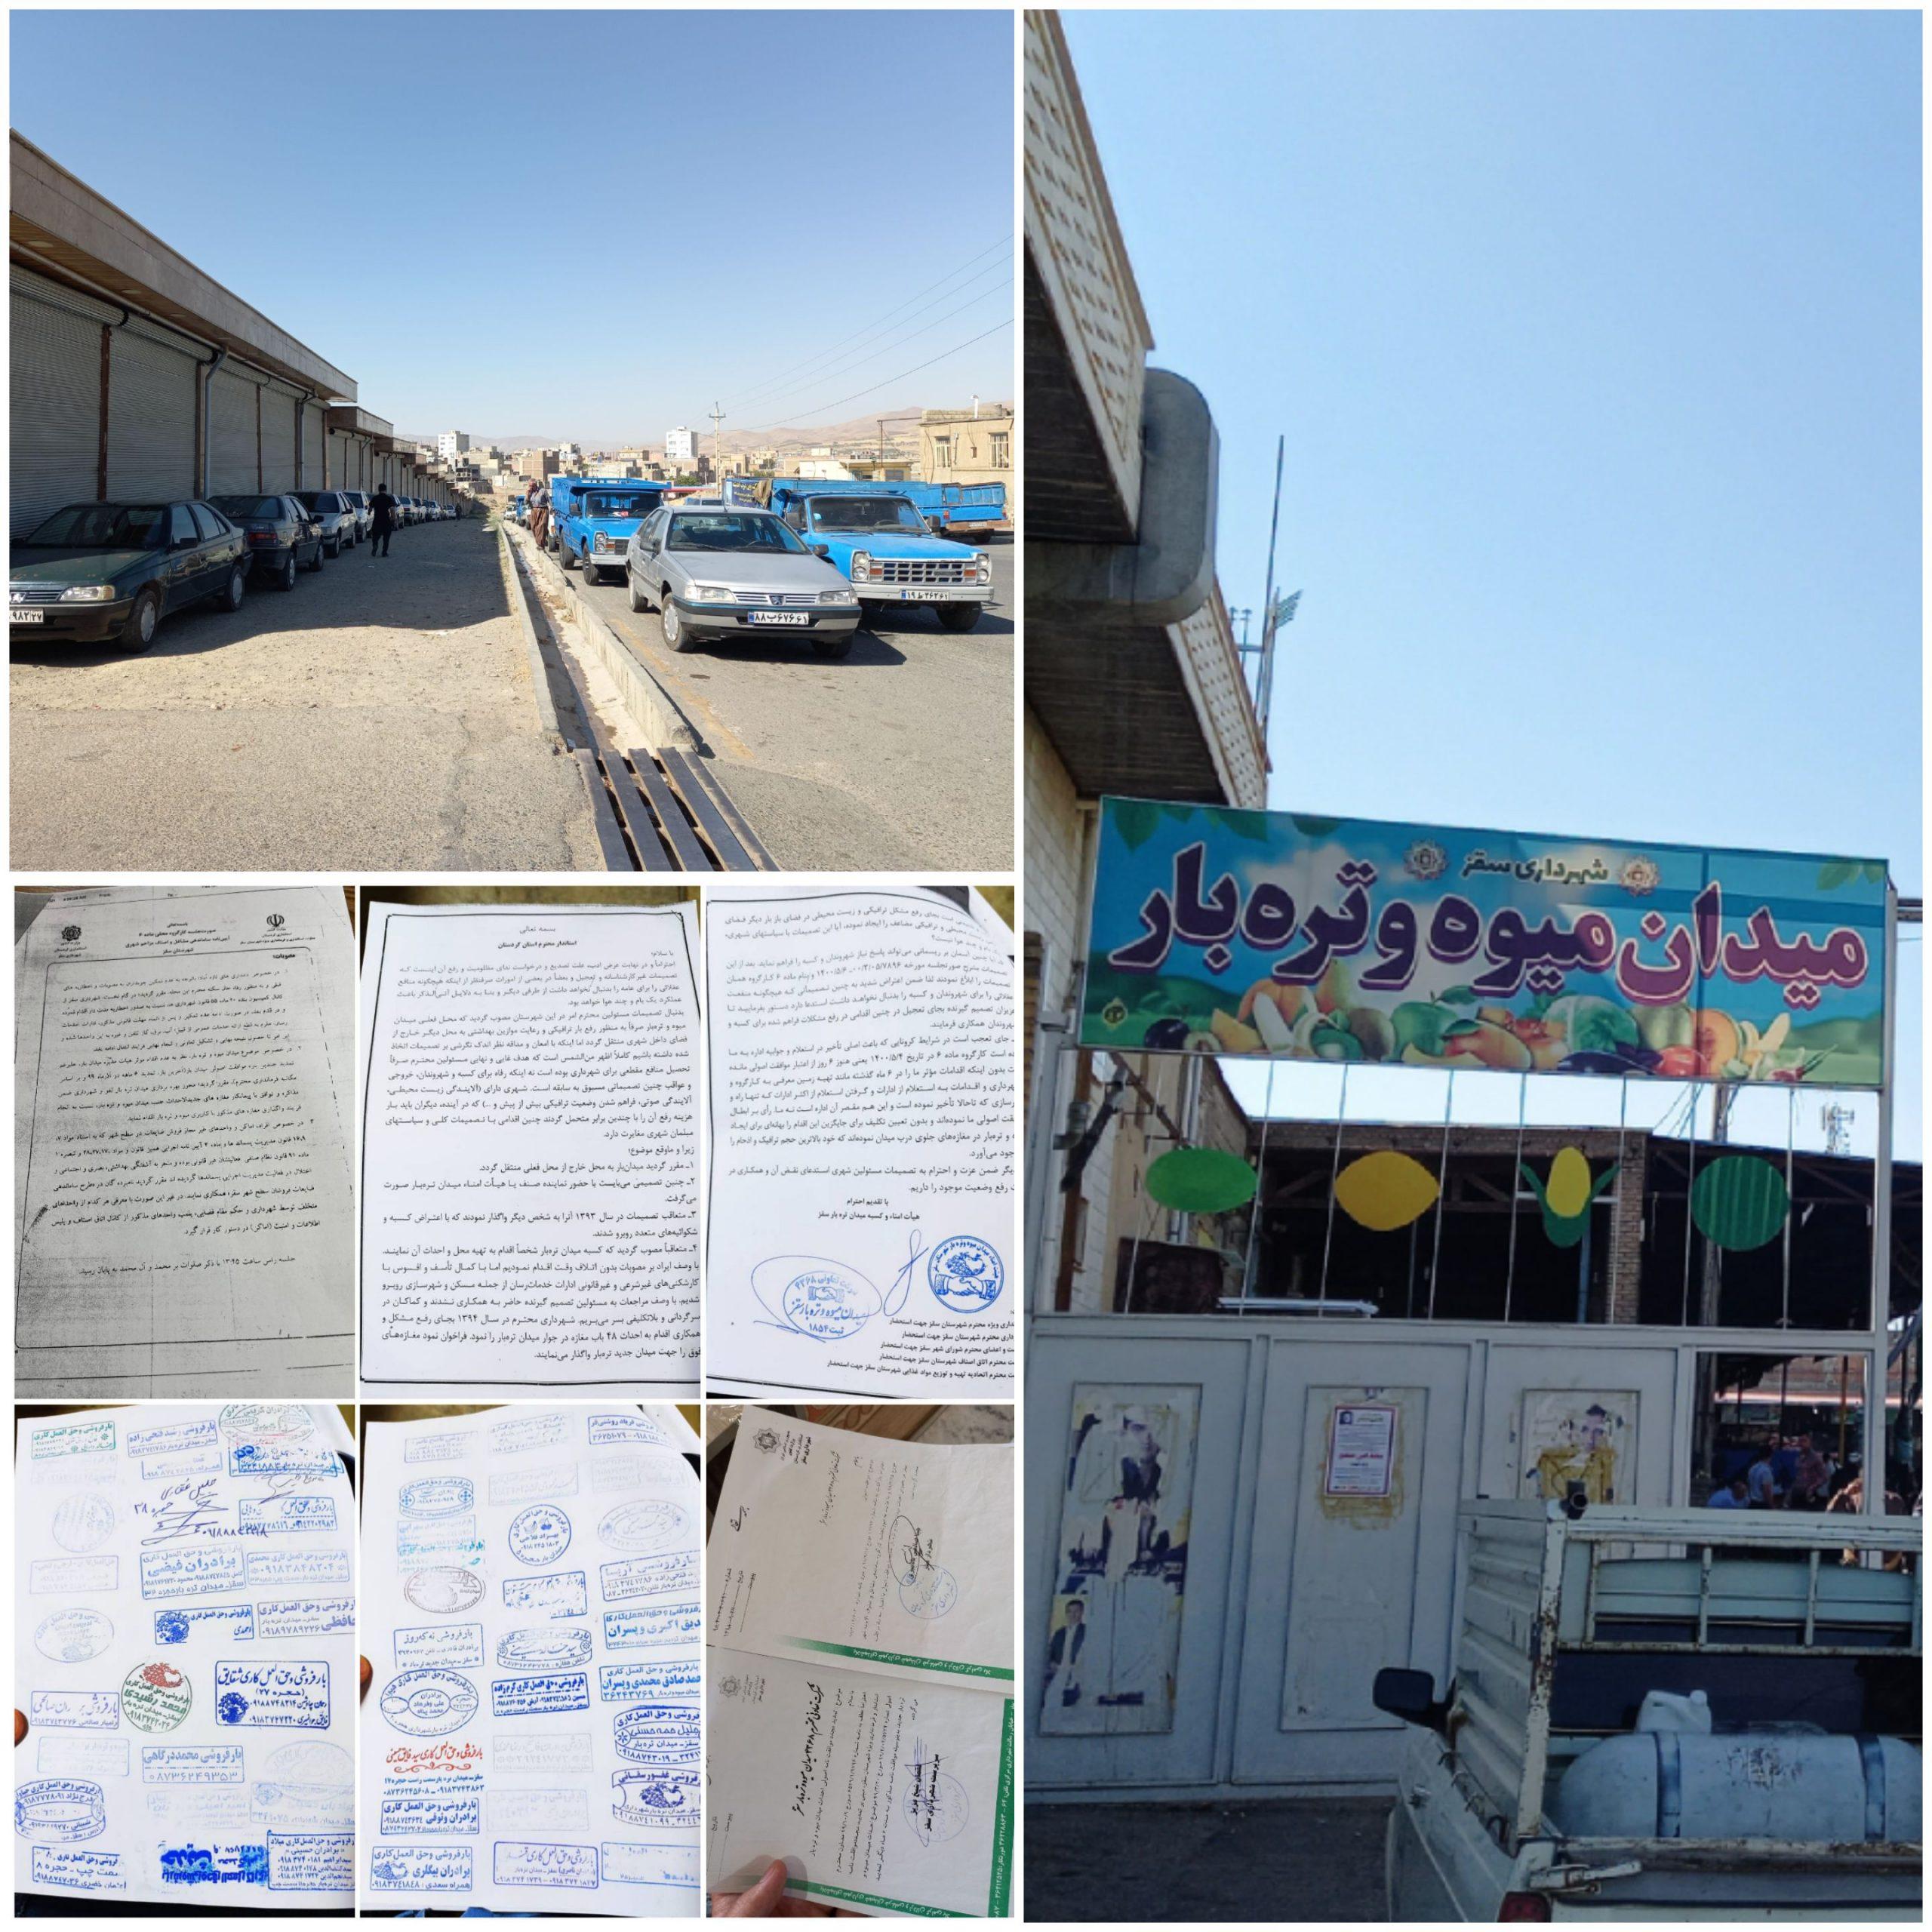 اعتراض کسبه میدان تره بار سقز به مصوبه اخیر کارگروه ماده ۶